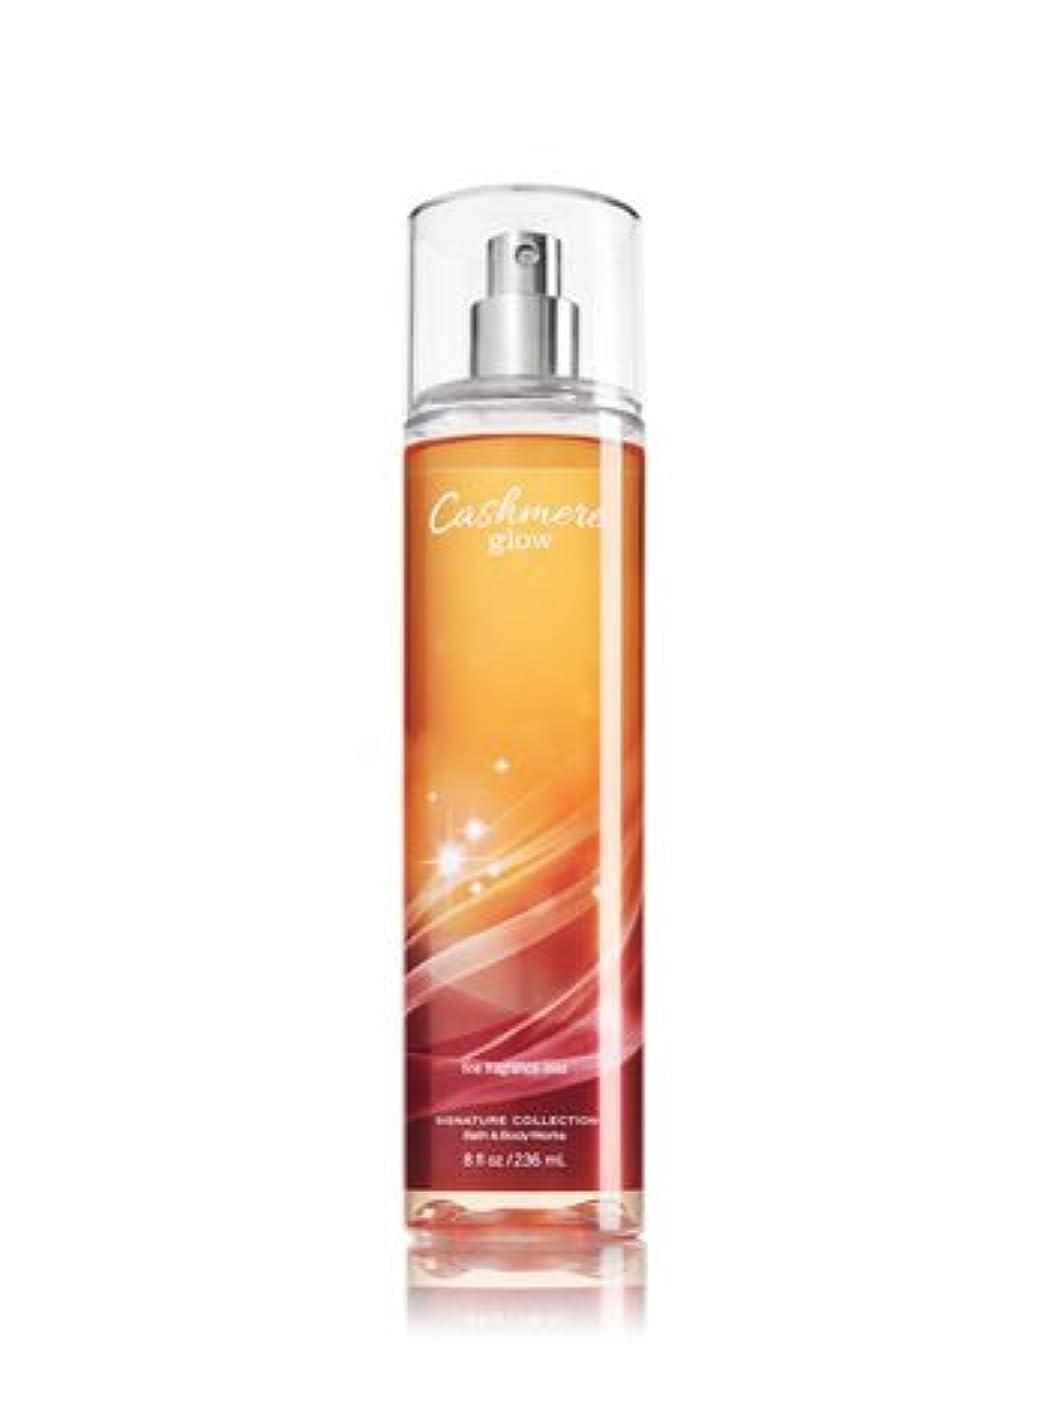 繰り返し解釈的正確さ【Bath&Body Works/バス&ボディワークス】 ファインフレグランスミスト カシミアグロー Fine Fragrance Mist Cashmere Glow 8oz (236ml) [並行輸入品]